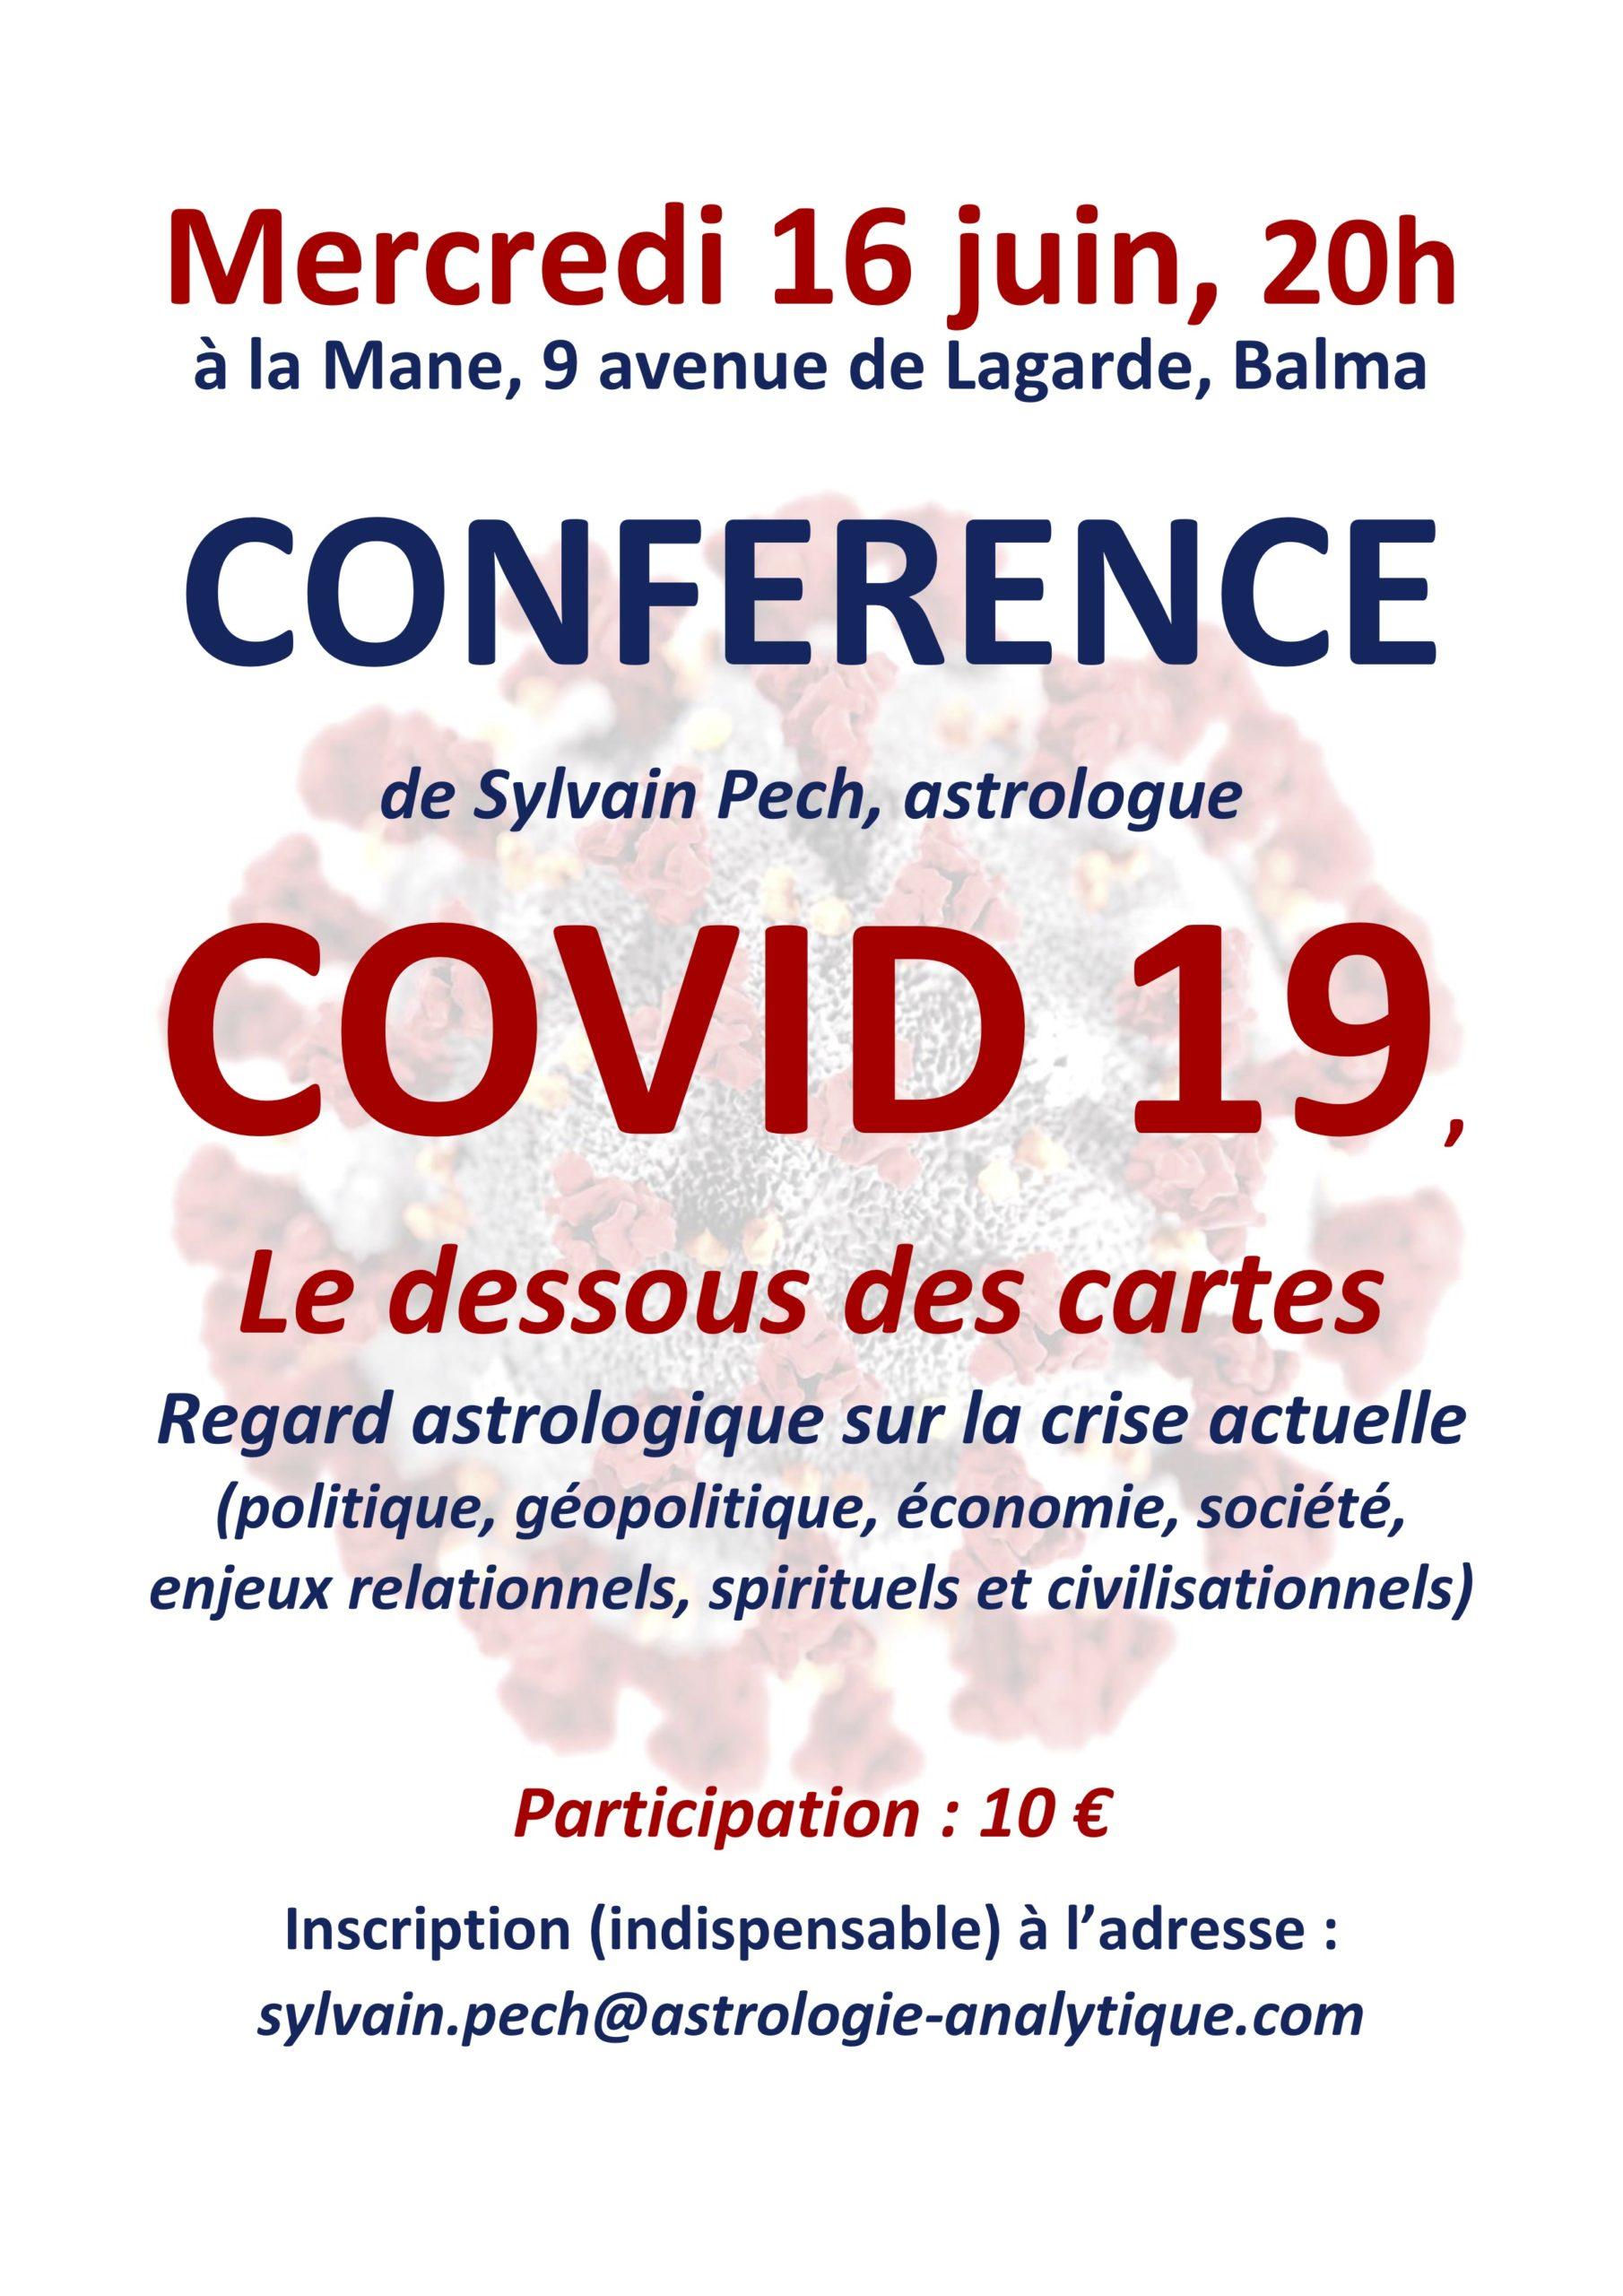 Conférence Astrologie Balma COVID 19, LE DESSOUS DES CARTES